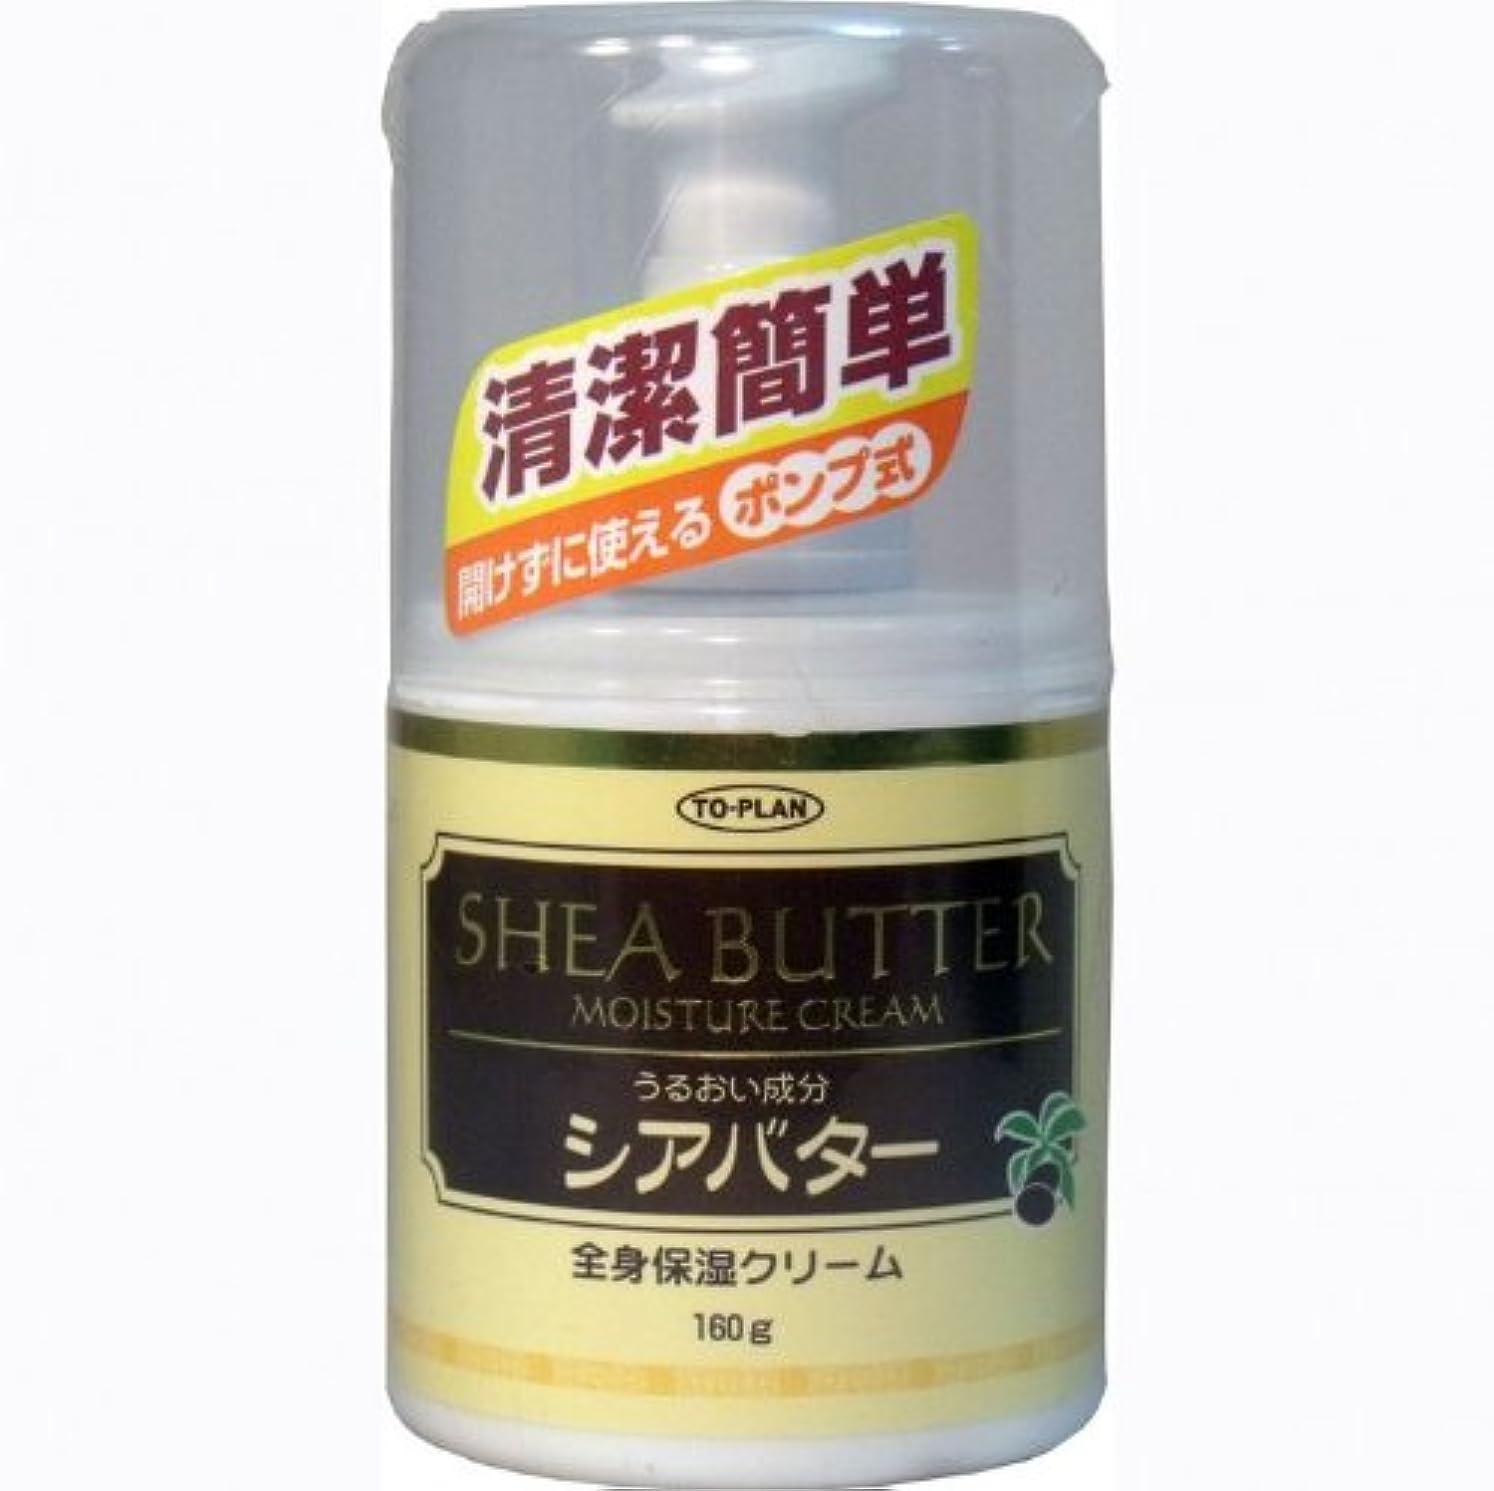 最初かもめ抜け目がないトプラン 全身保湿クリーム シアバター ポンプ式 160g【2個セット】